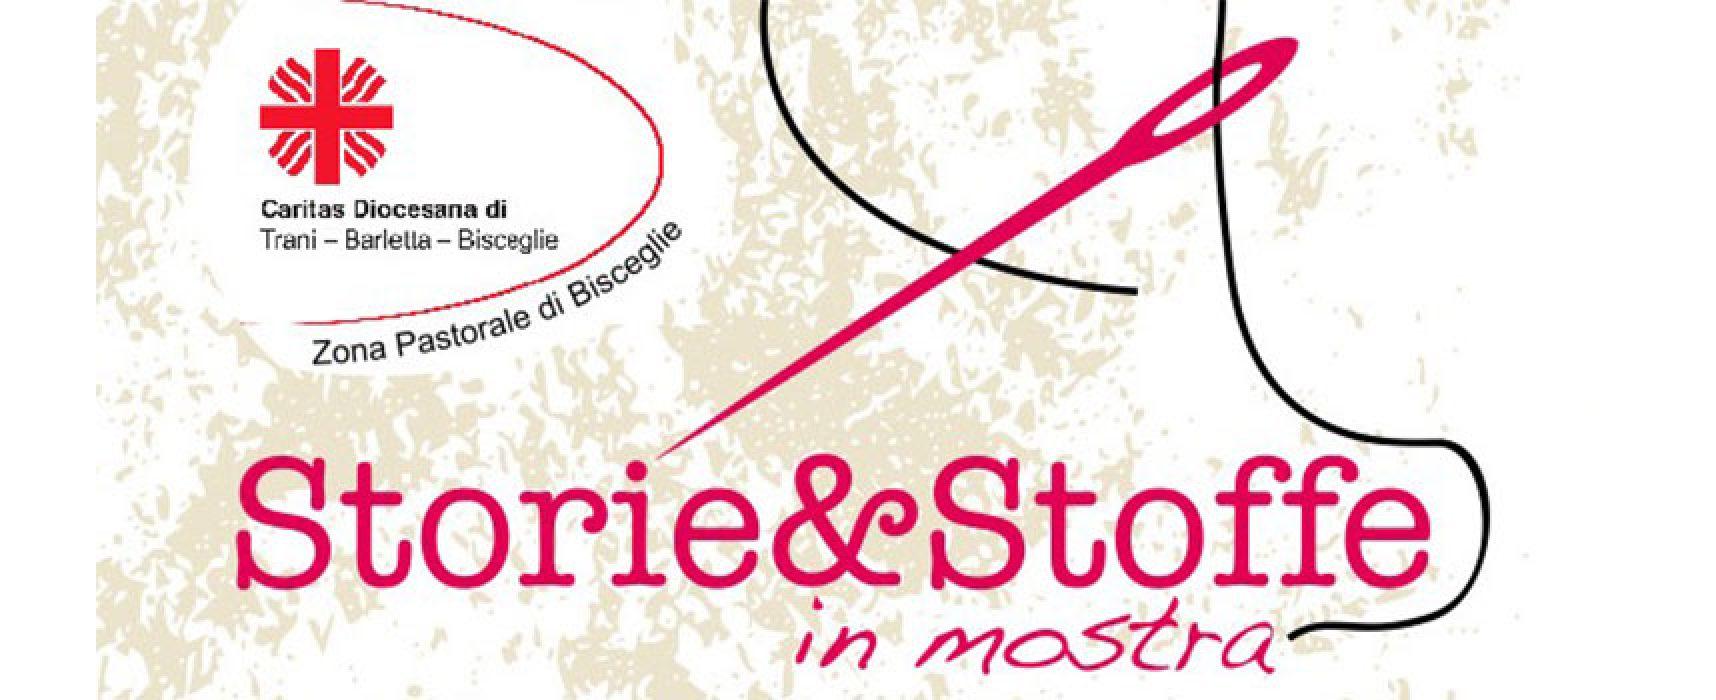 """Da scarto a pezzo sartoriale: la Caritas di Bisceglie promuove la mostra """"Stoffe & Storie"""""""